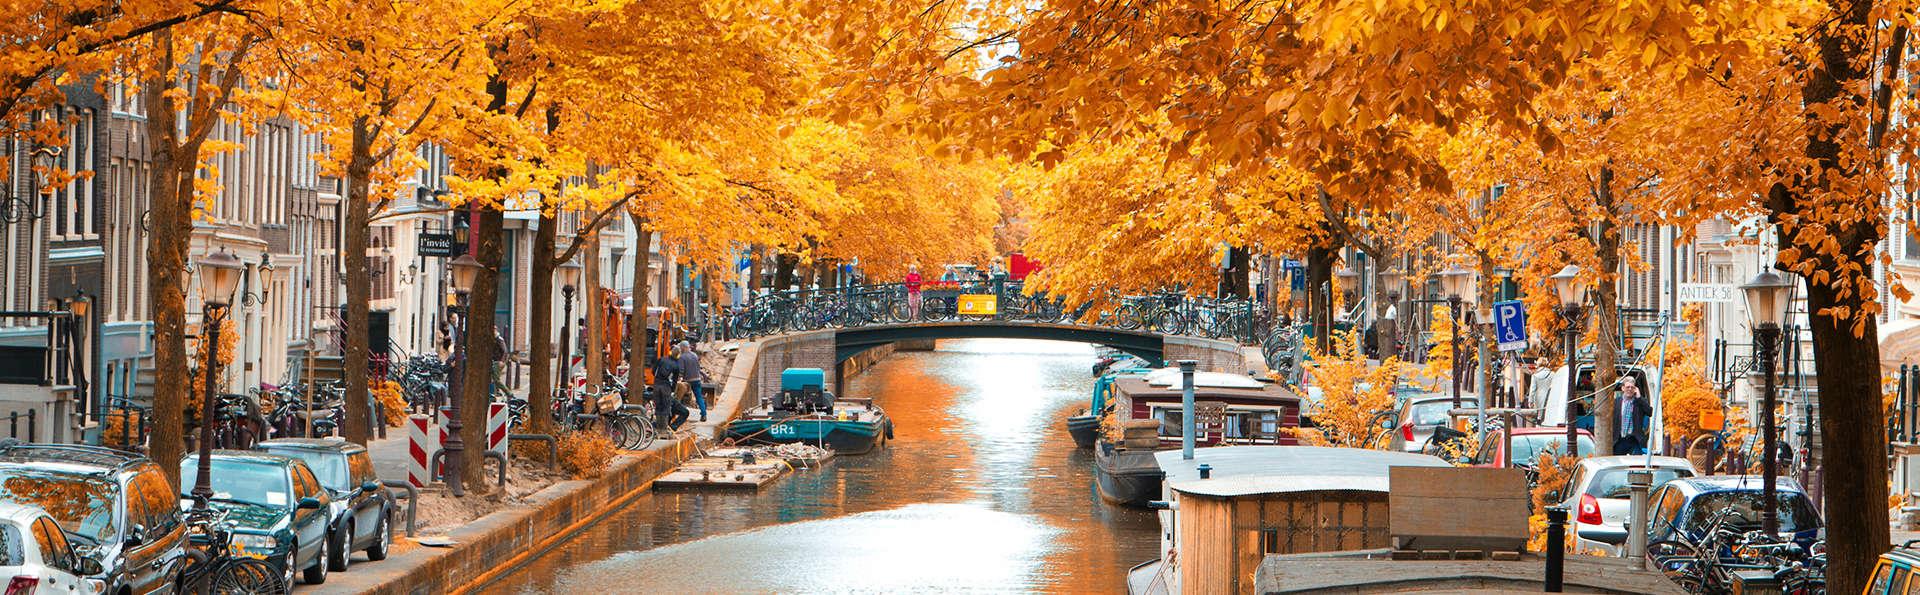 ¡Descubre Ámsterdam y sus muchas atracciones!